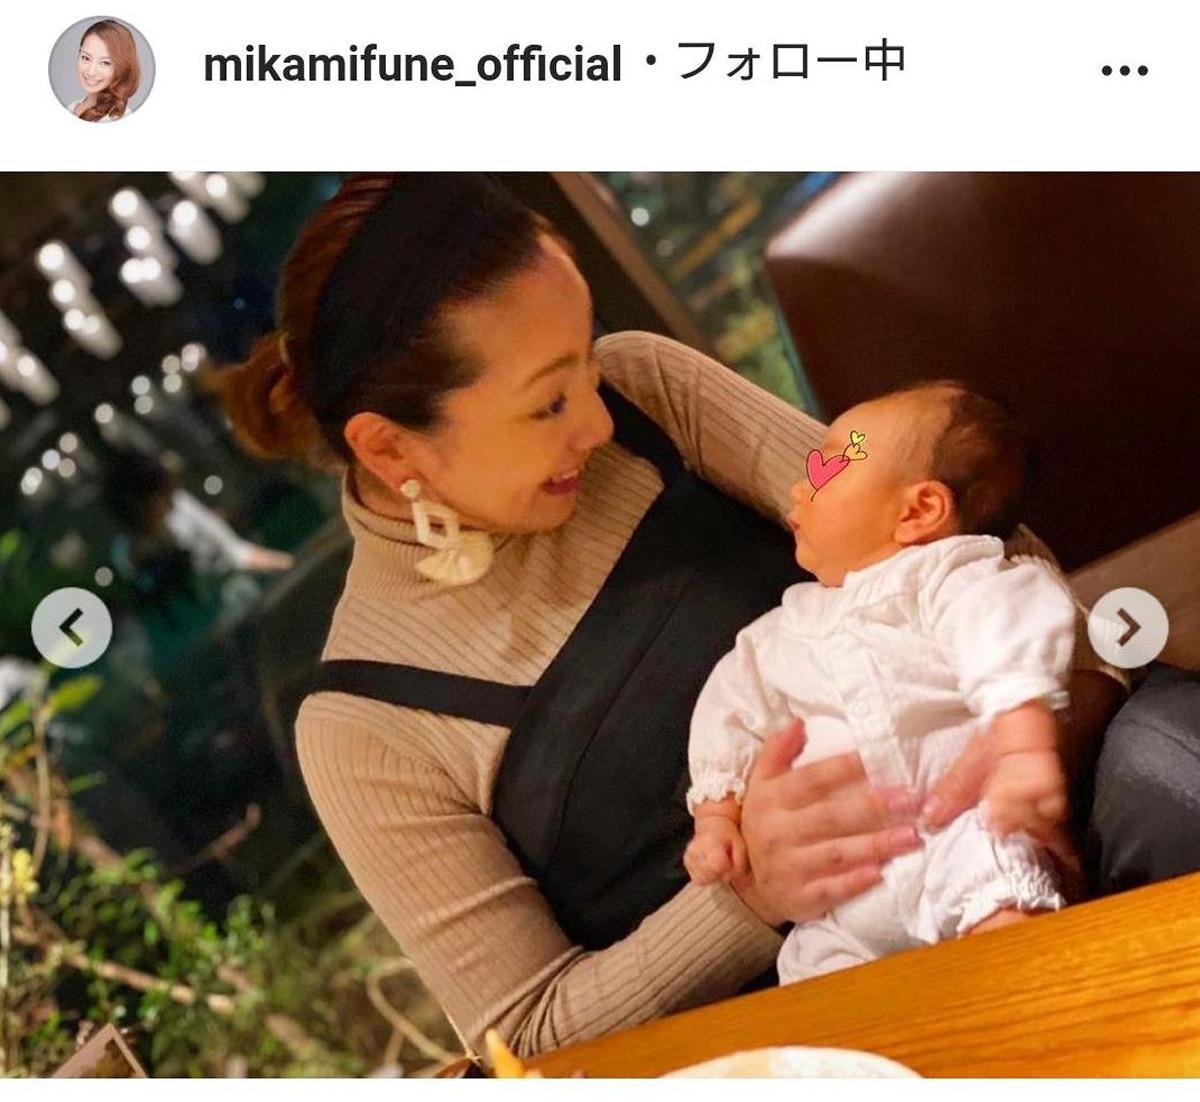 三船美佳、72歳を迎えた元女優の美人母を公開「可愛いママちゃん」「だいしゅき」 : スポーツ報知